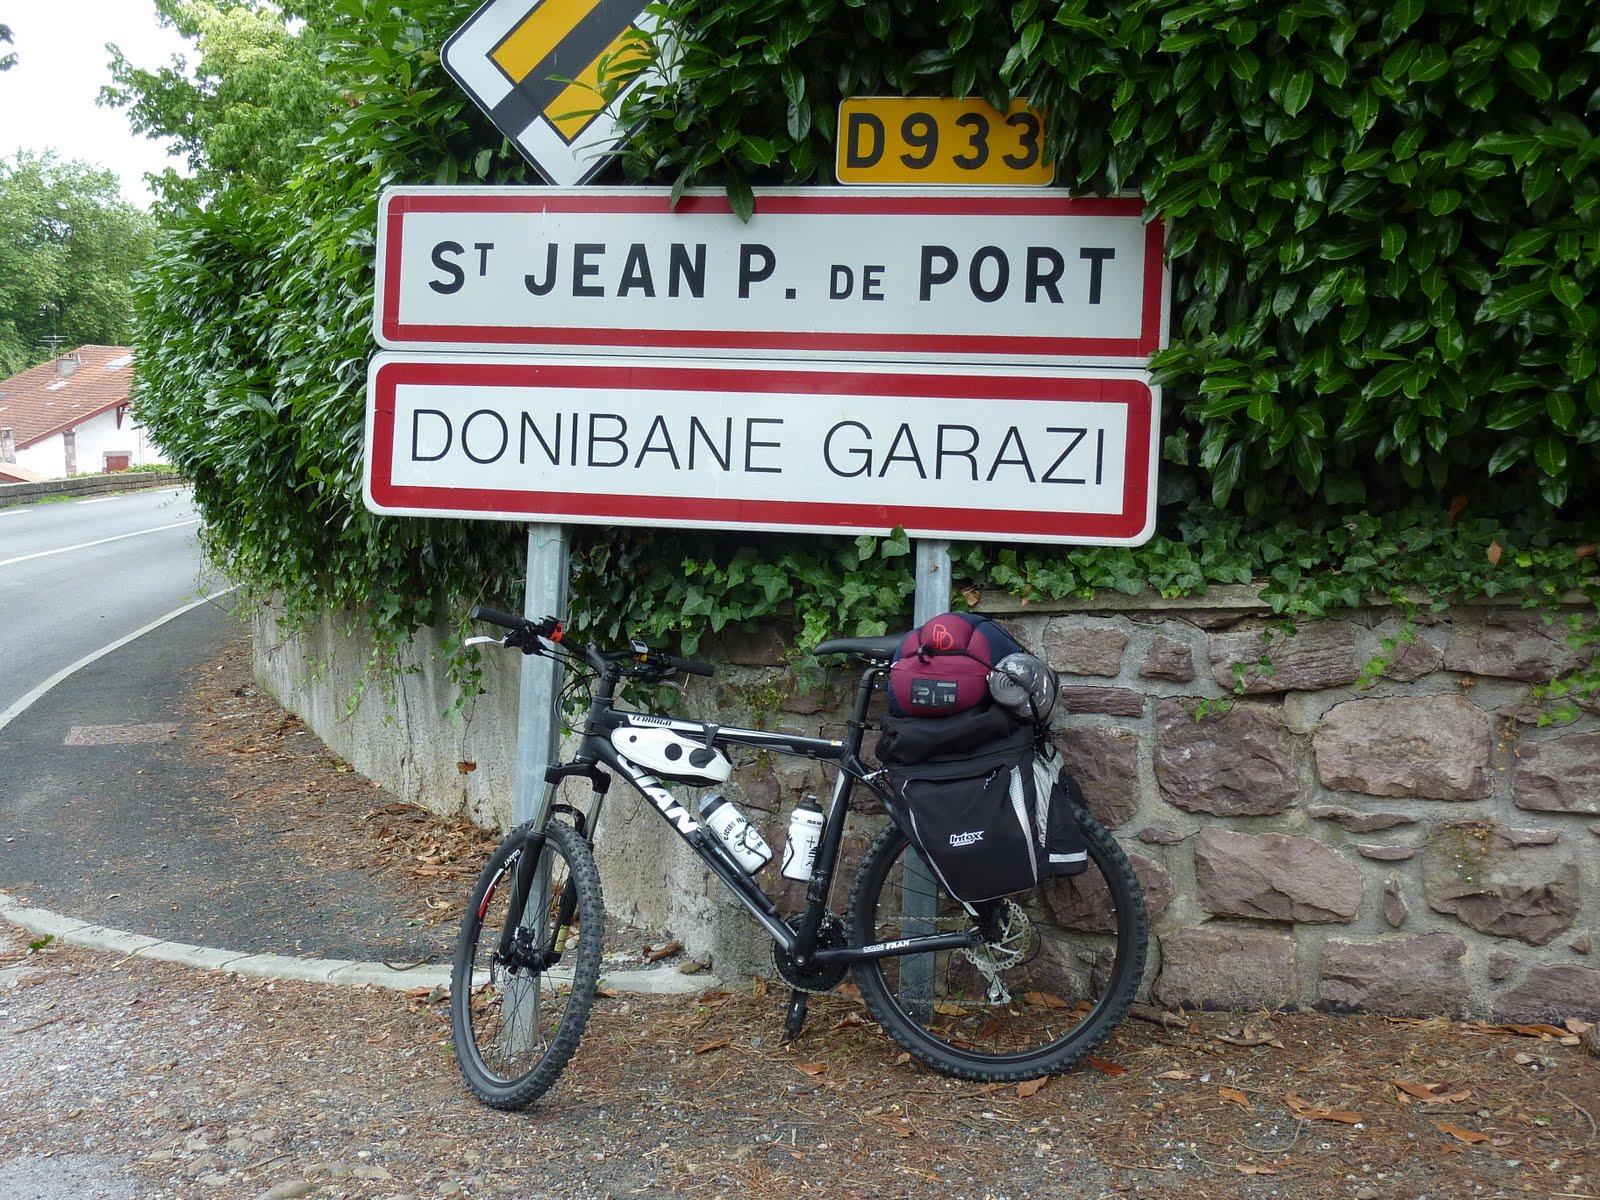 14diasparasantiago d a 1 roncesvalles st jean pied du port roncesvalles - St jean pied de port to roncesvalles ...